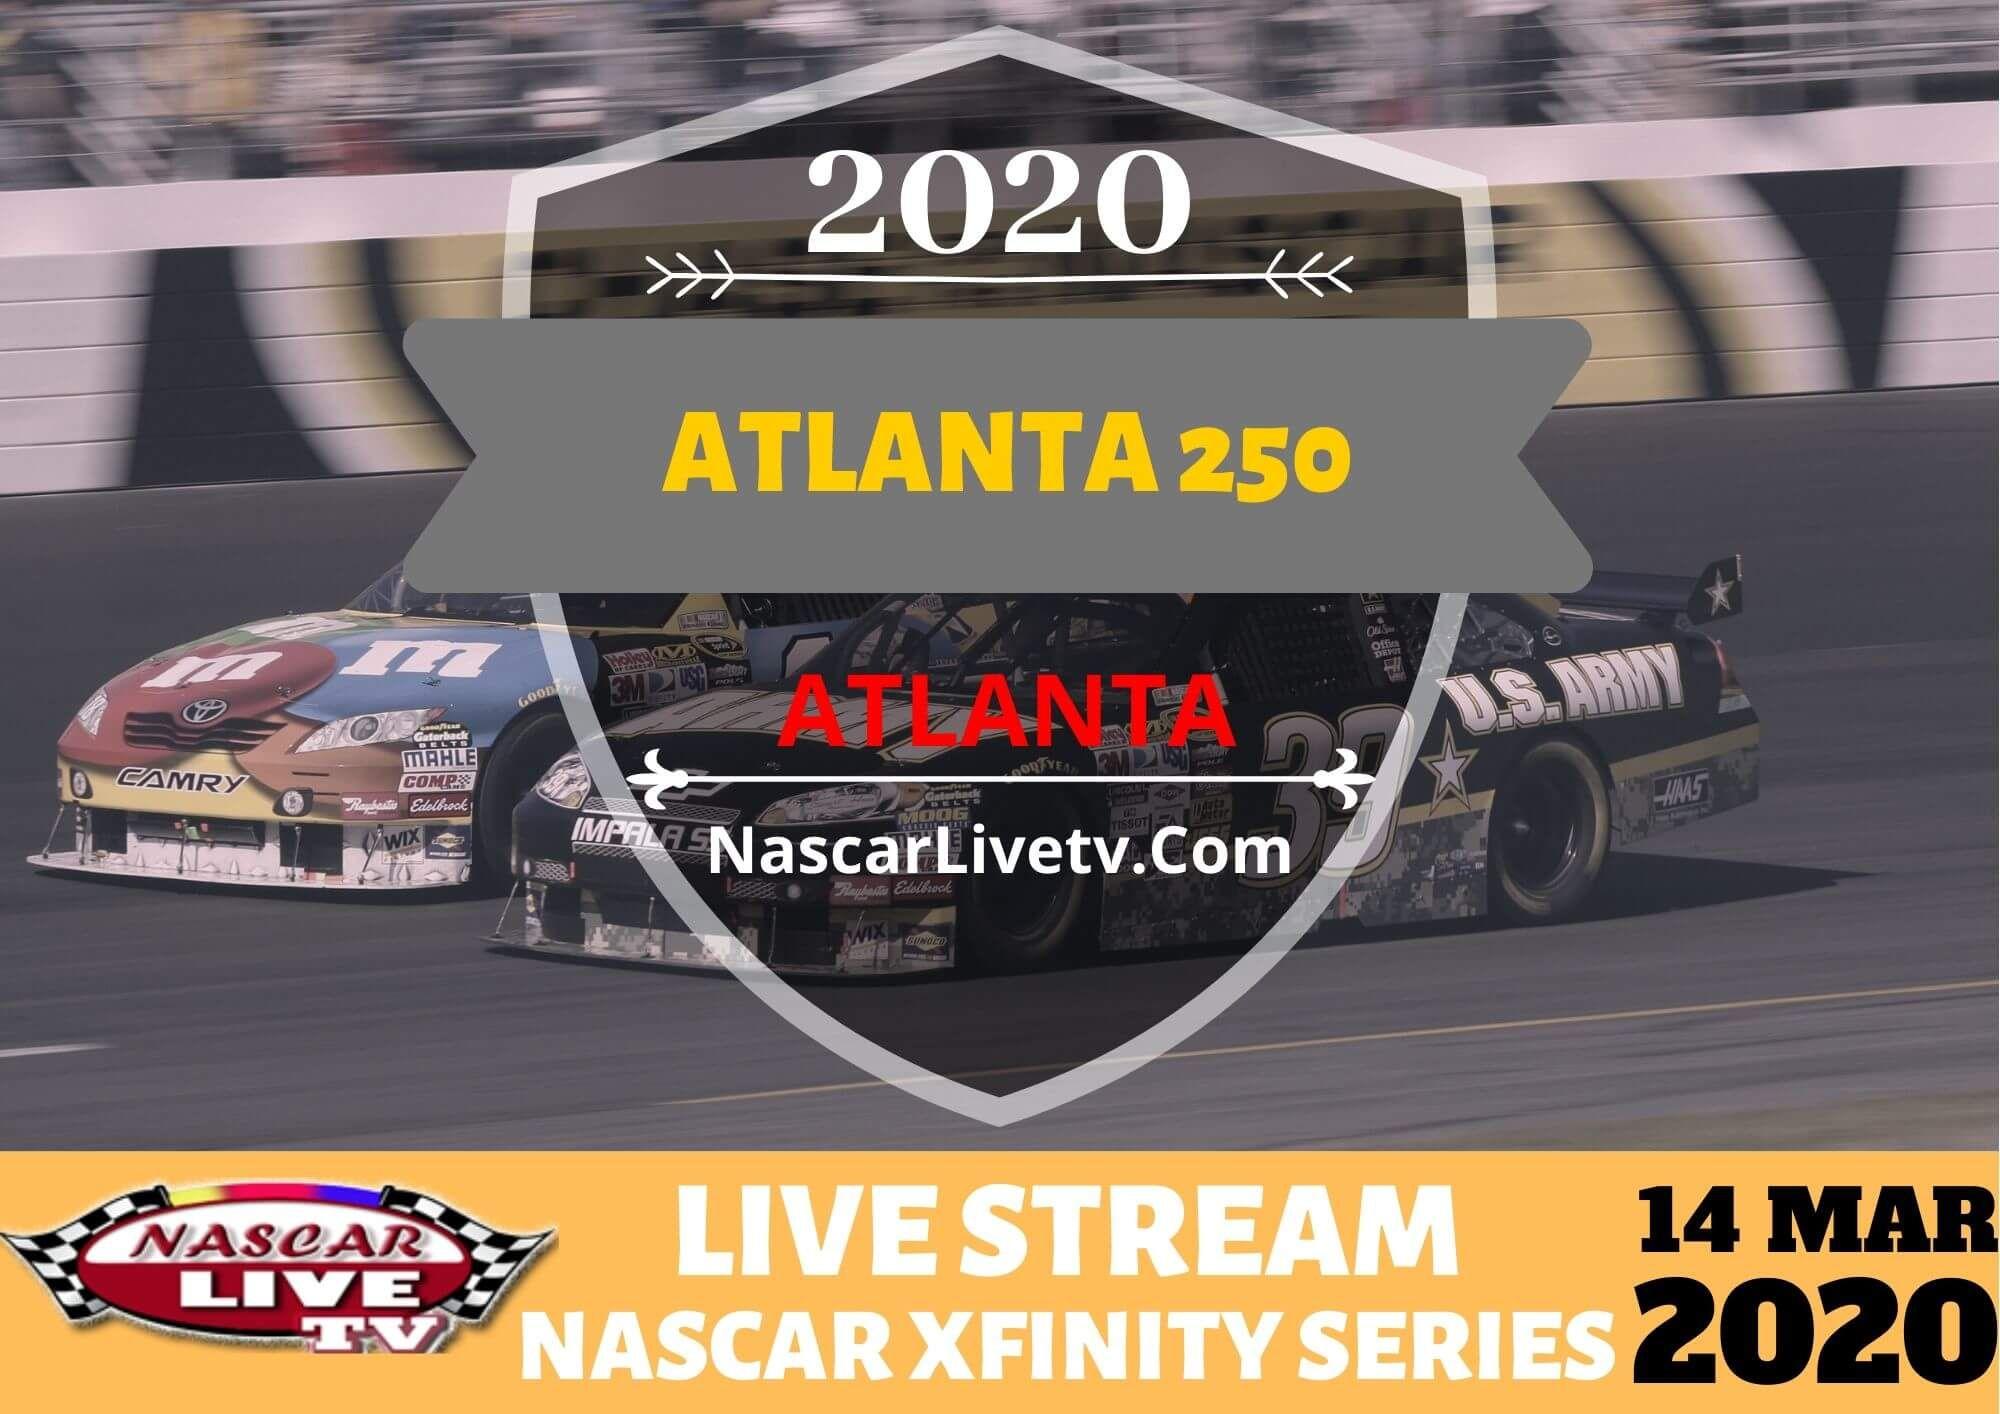 NASCAR Xfinity Atlanta 250 Live Stream 2020 in 2020